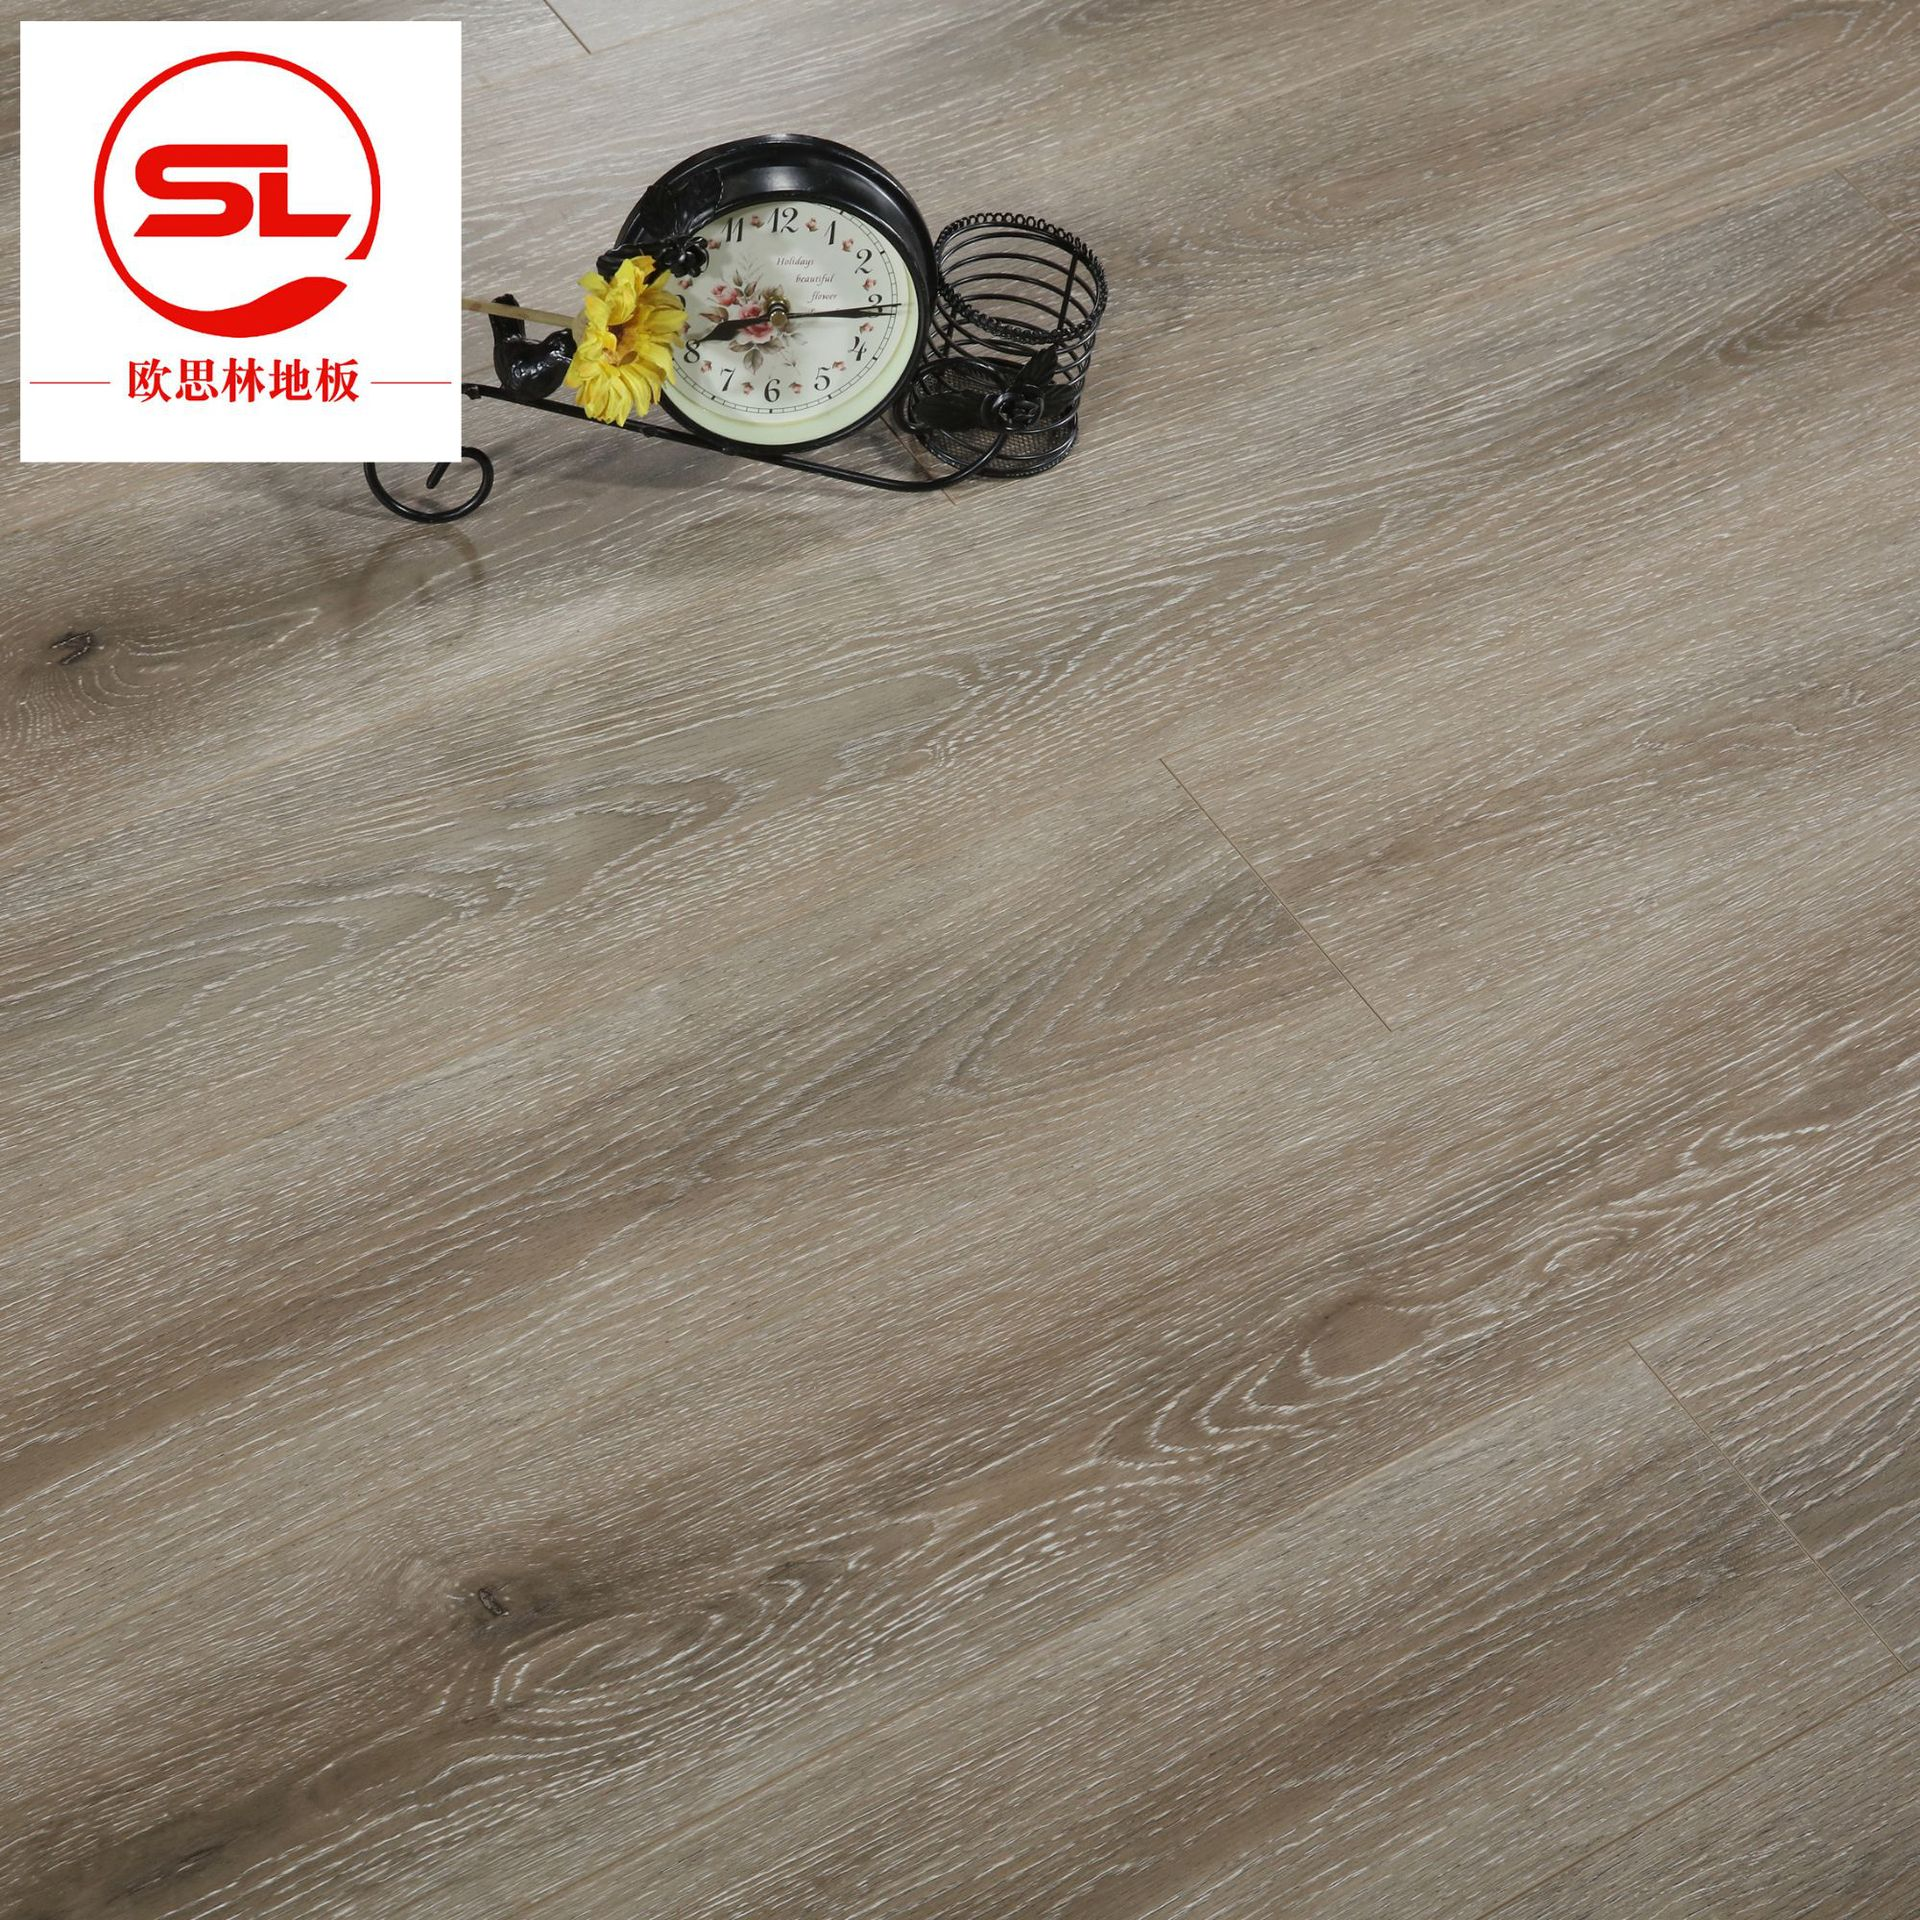 OUSILIN Ván sàn Nhà máy trực tiếp bán sàn địa nhiệt sưởi ấm sàn gỗ rắn nhiều lớp 15mm GB bảo vệ môi